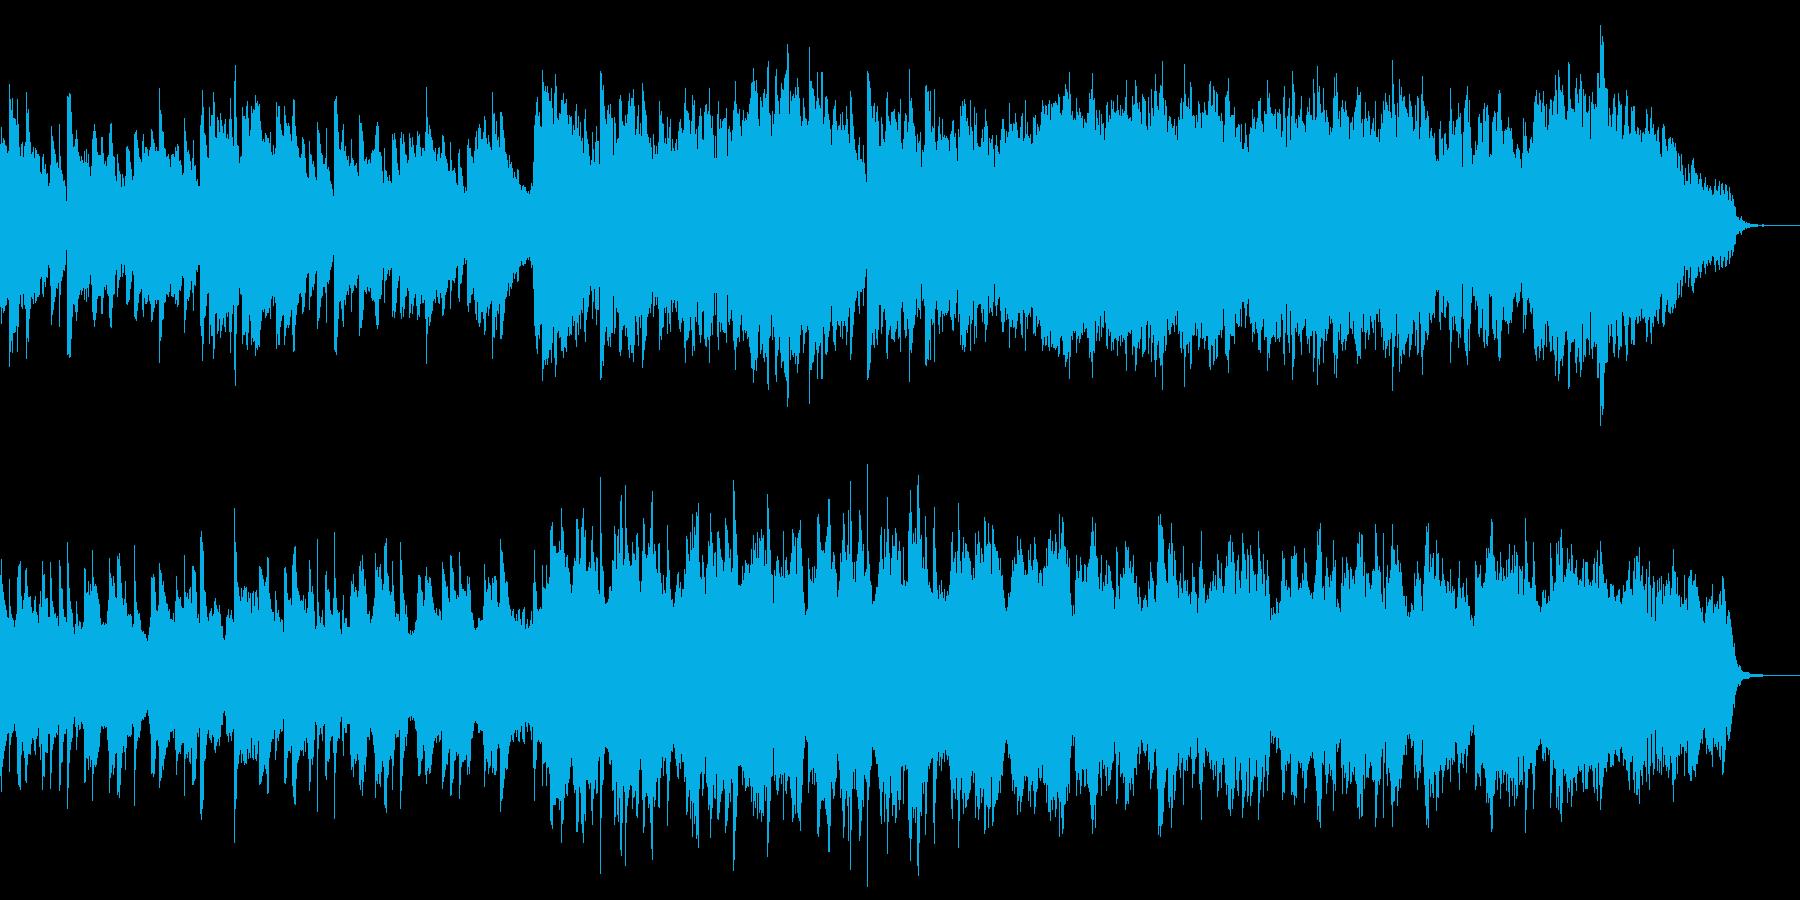 日常シーン向けのピアノストリングス曲の再生済みの波形